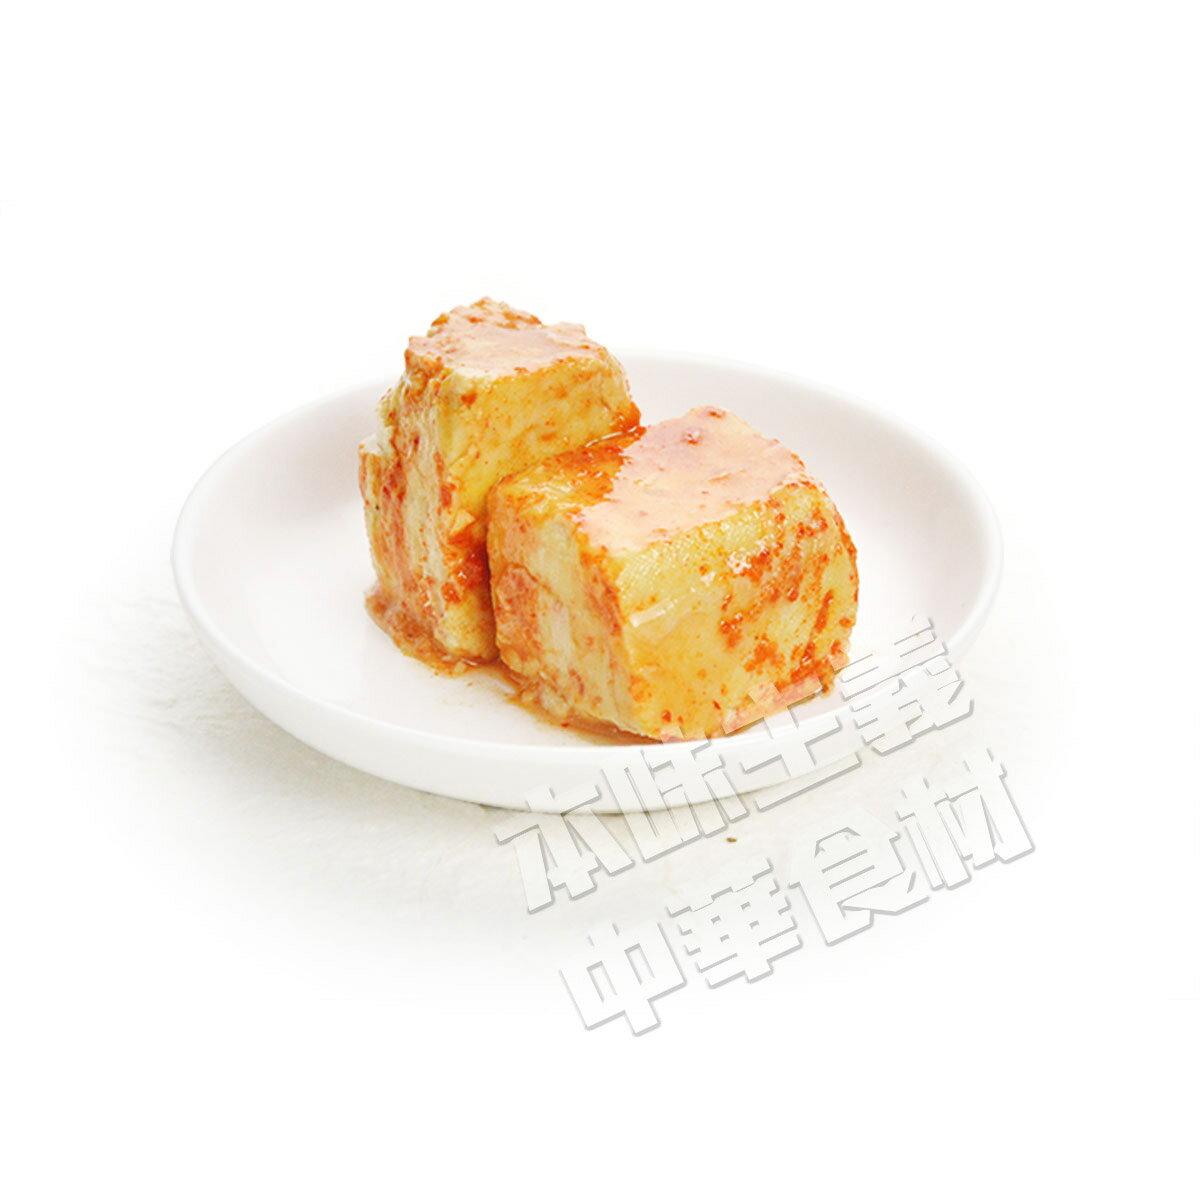 黄日香 紅腐乳(赤豆腐乳) 中華料理人気商品・中華食材調味料・台湾名物